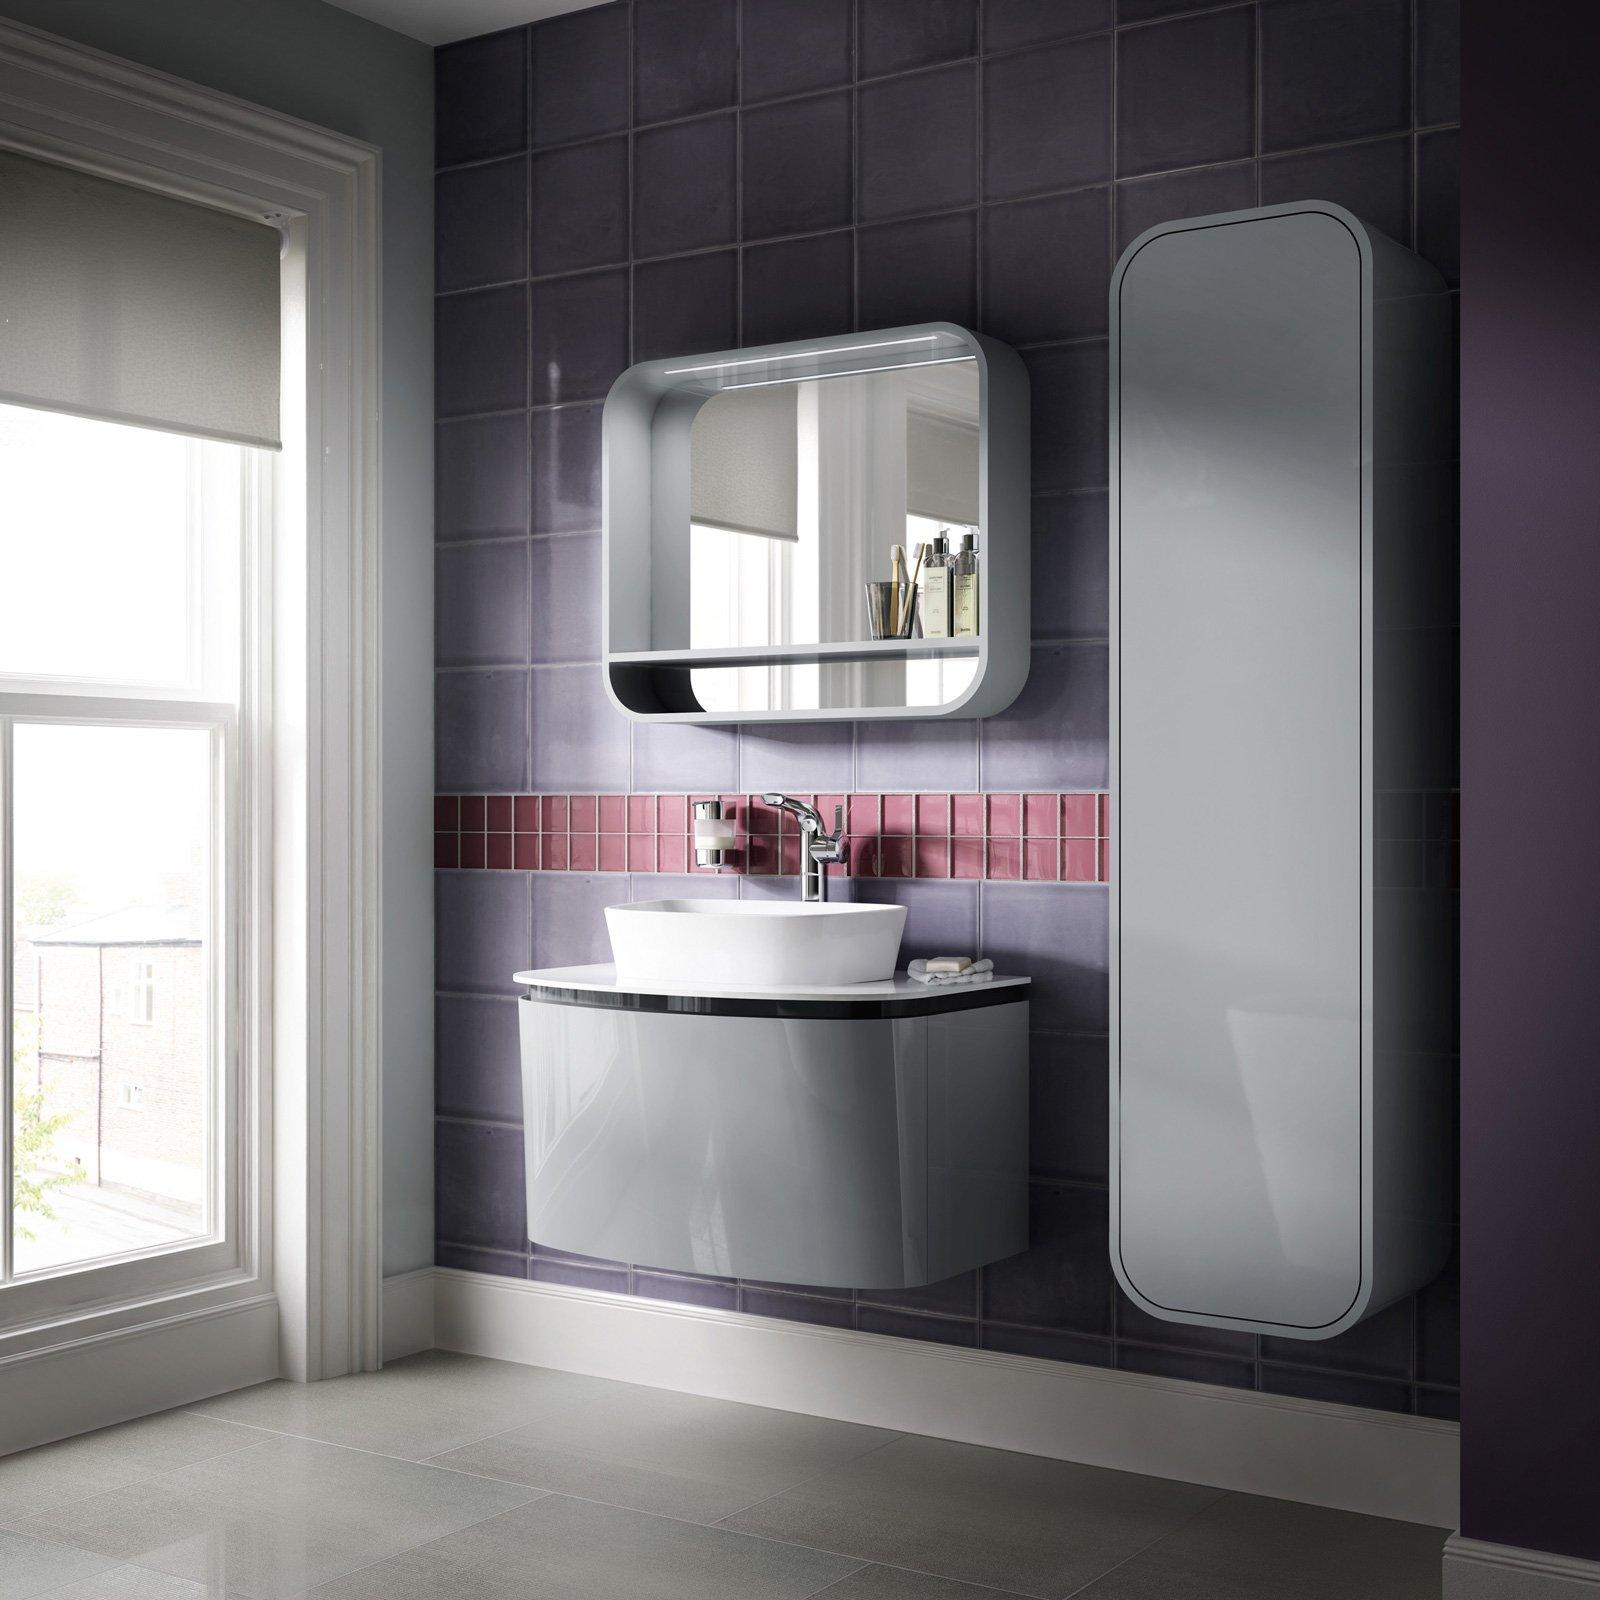 Specchi sopra il lavabo cose di casa - Specchi bagno con contenitore ...